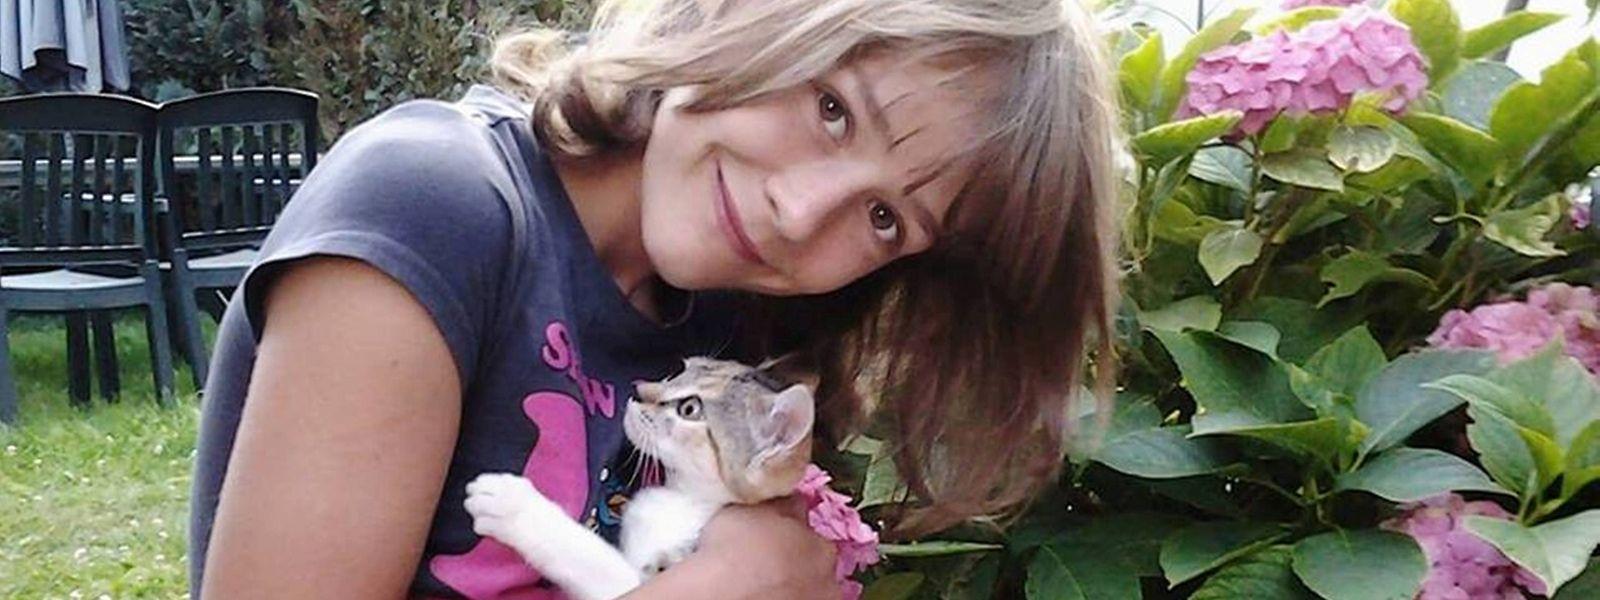 Le corps sans vie de la jeune Béatrice avait été retrouvé dans les bois de Sesselich en décembre 2014.